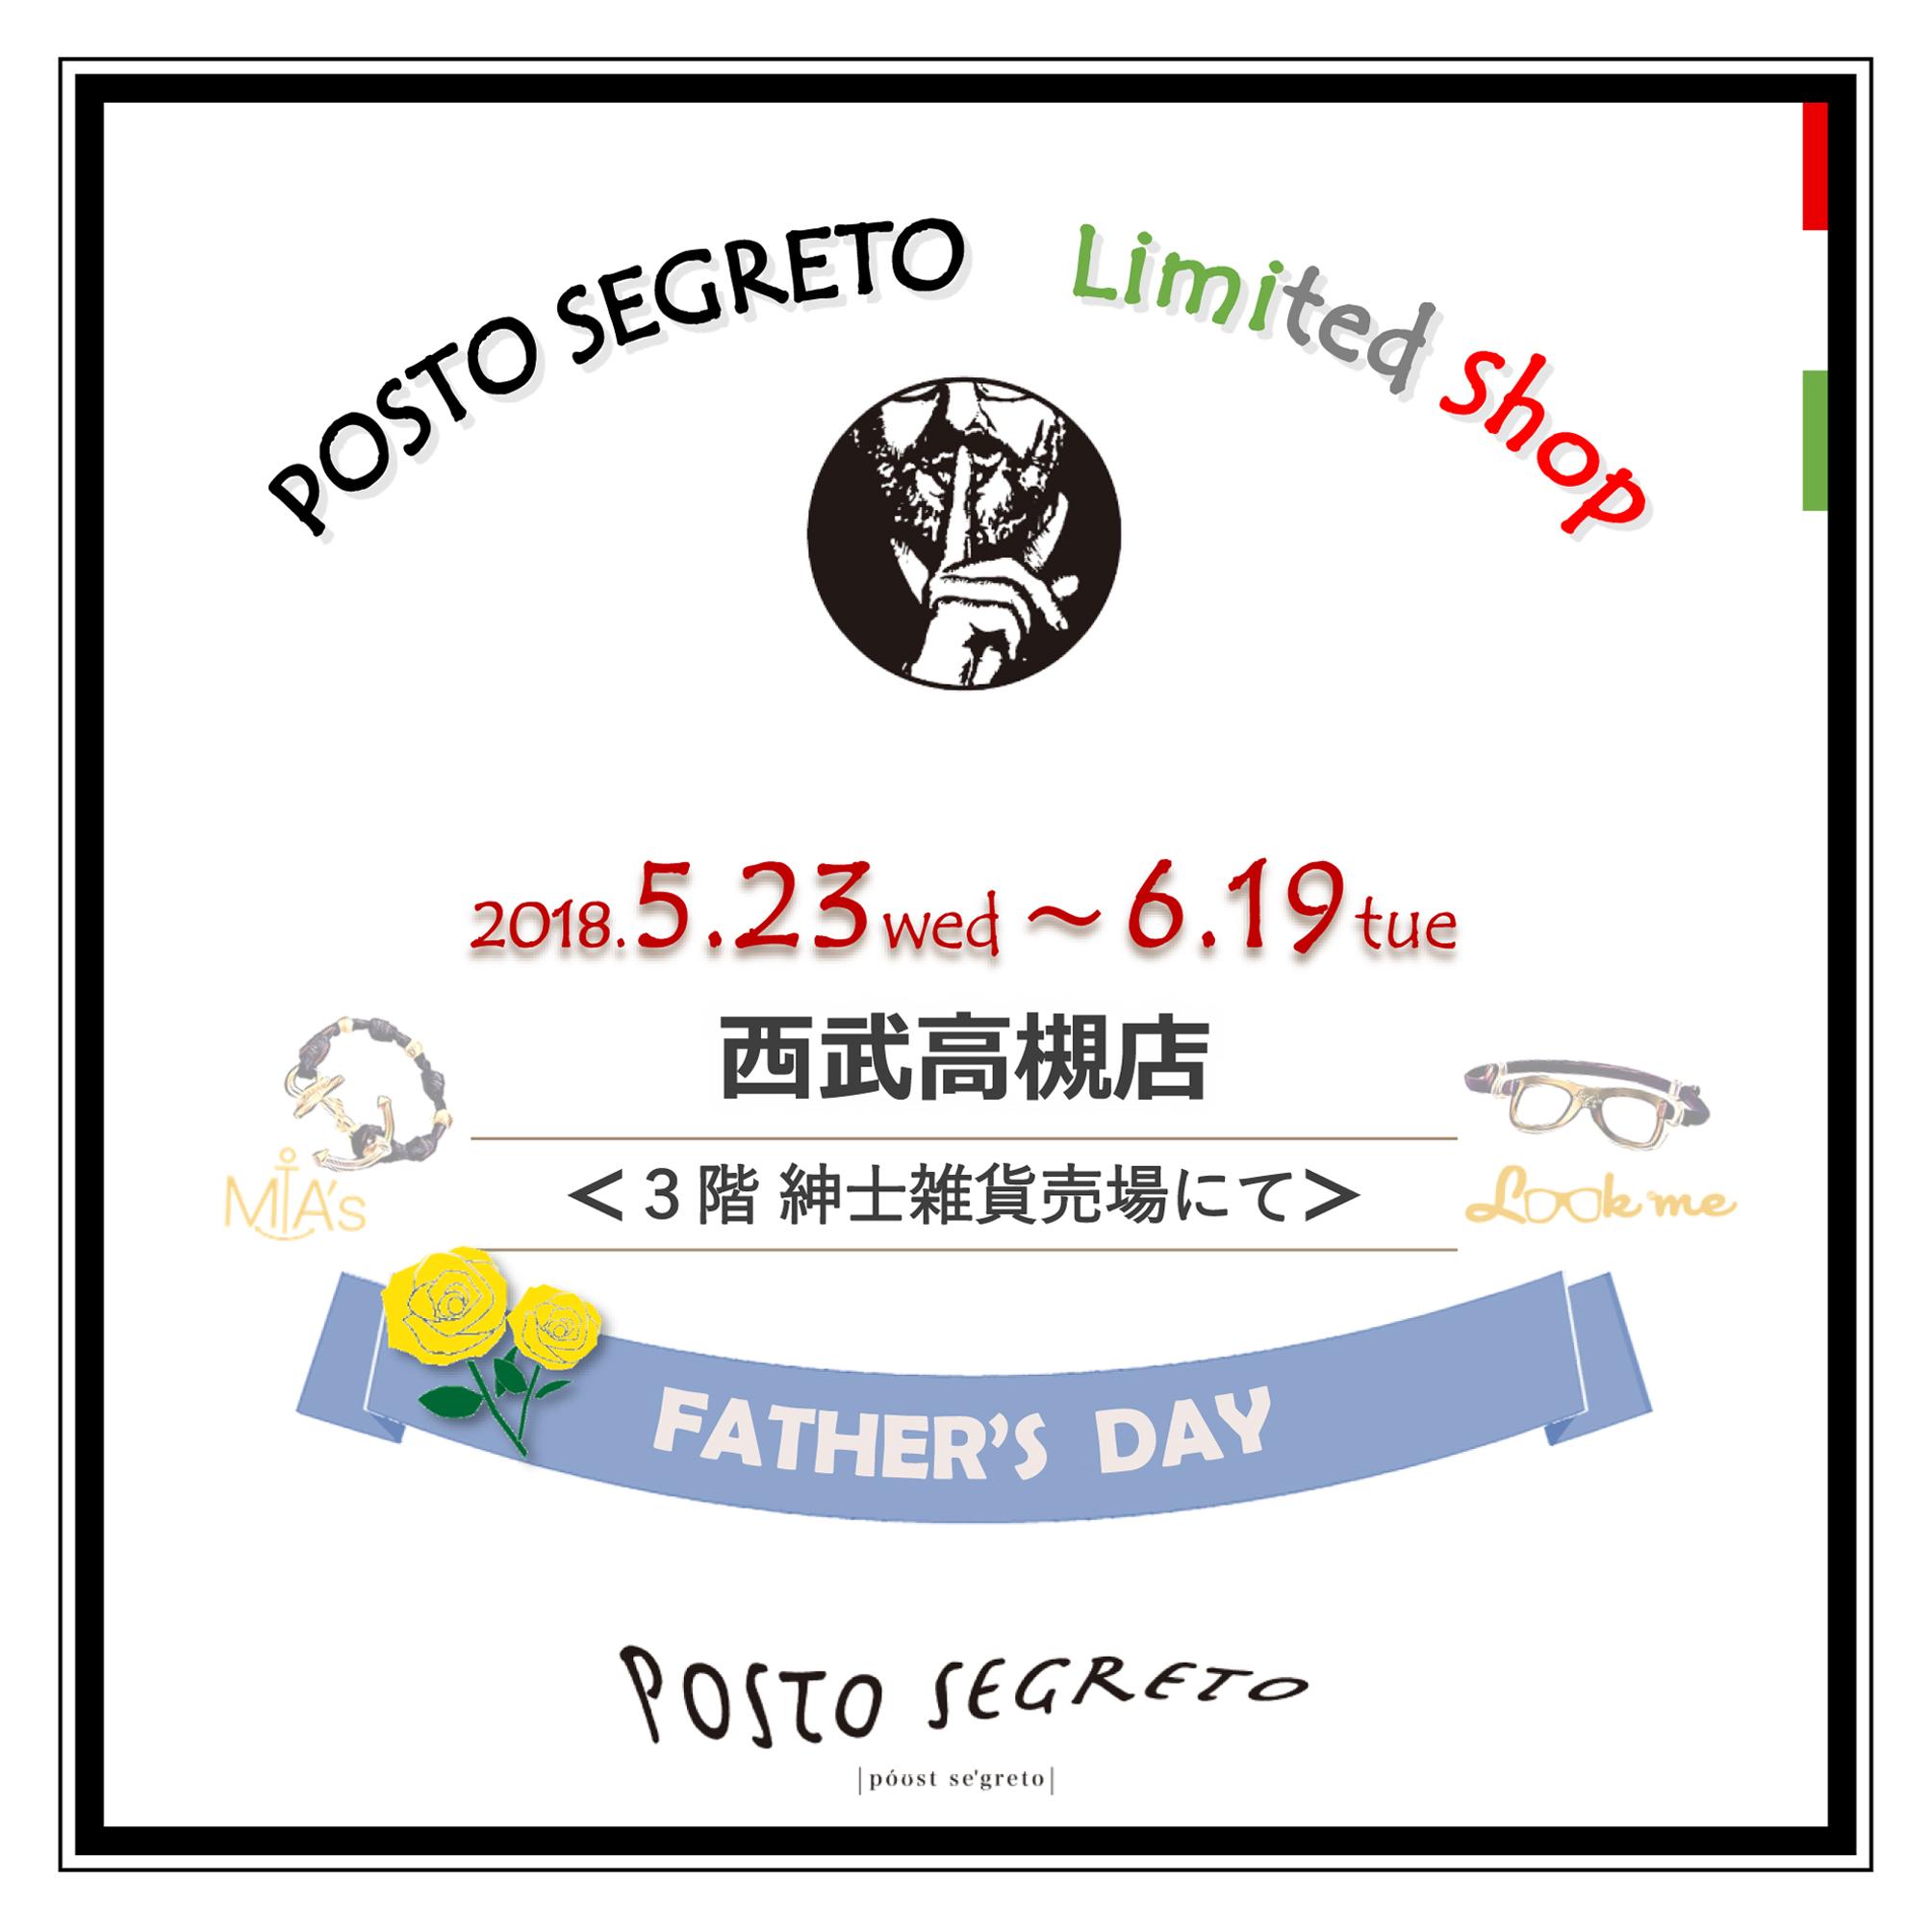 5月23日(水)~6月19日(火)まで、西武 高槻店(3階紳士雑貨売場)にて期間限定ショップを展開!